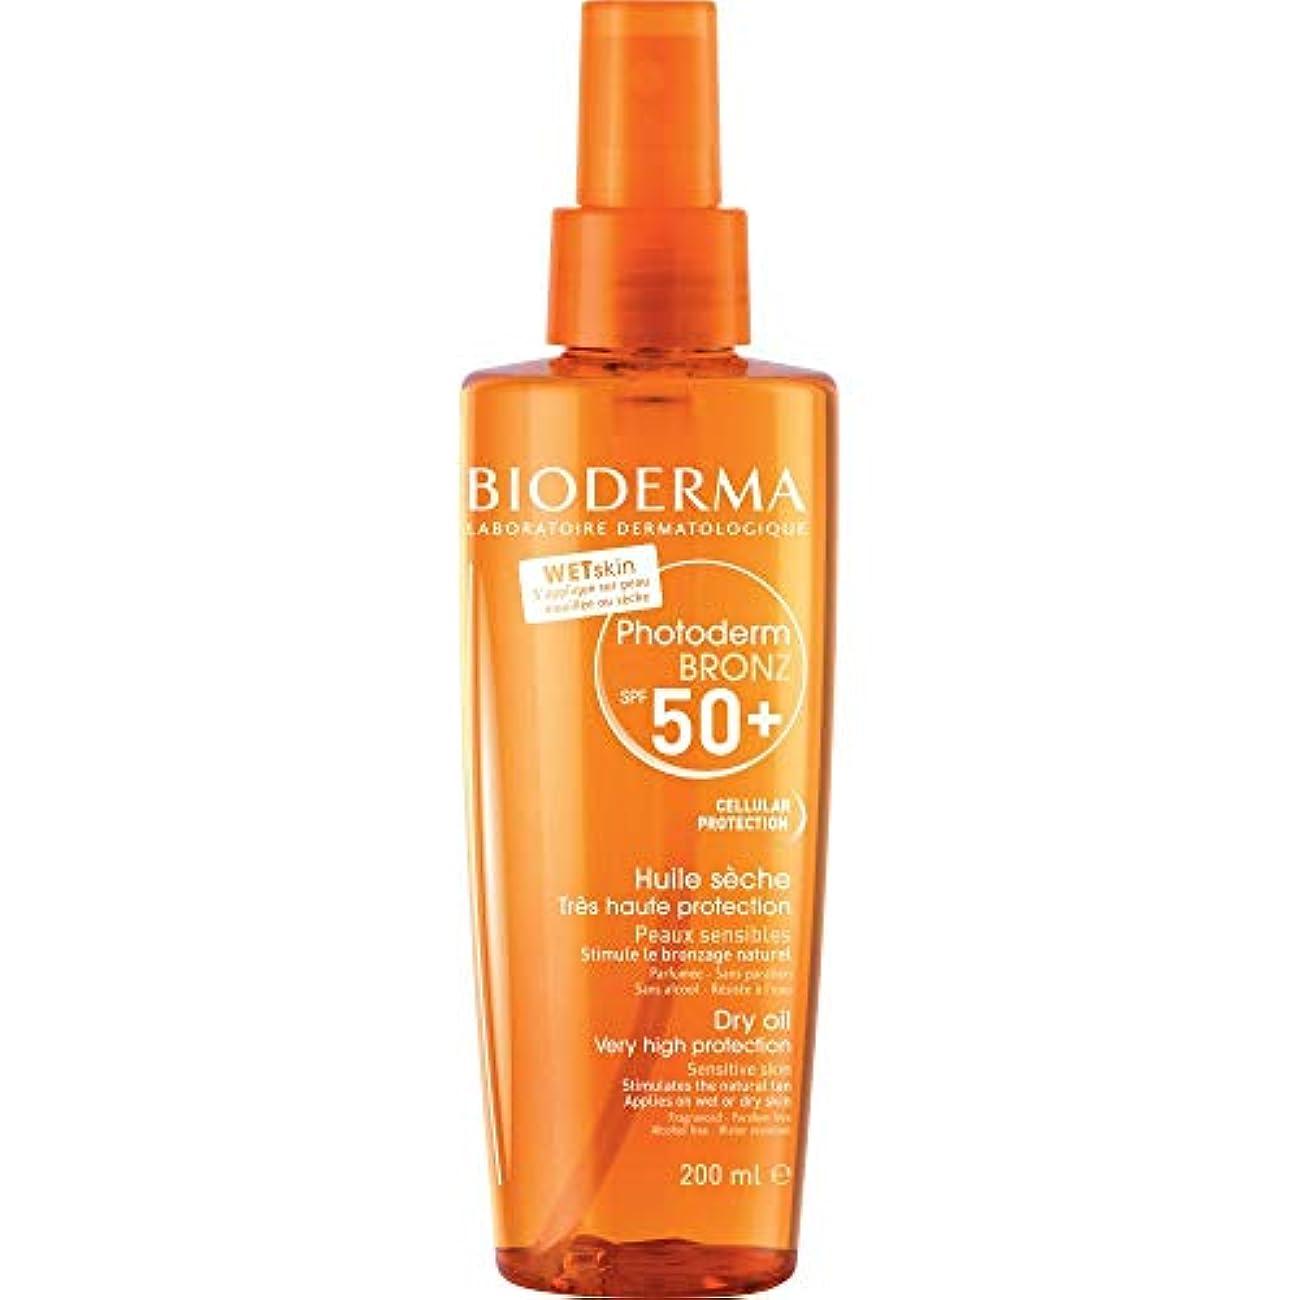 アクティブ机時間[Bioderma] BiodermaのPhotodermのBronz - ドライオイルSpf50の200ミリリットル - Bioderma Photoderm Bronz - Dry Oil SPF50 200ml [...